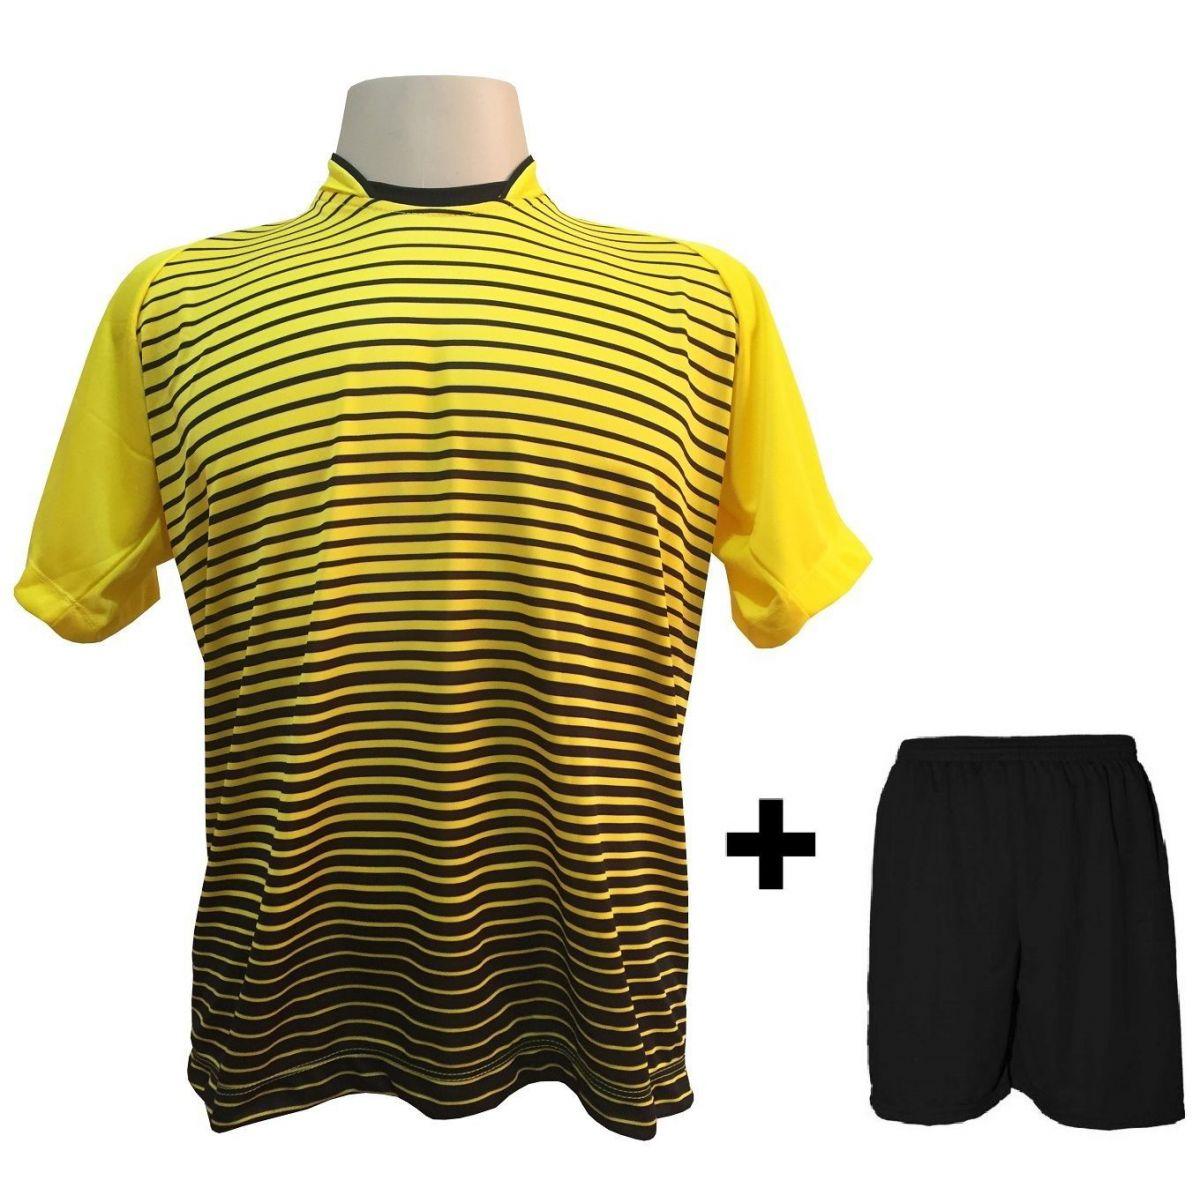 Uniforme Esportivo com 18 camisas modelo City Amarelo/Preto + 18 calções modelo Madrid Preto + Brindes